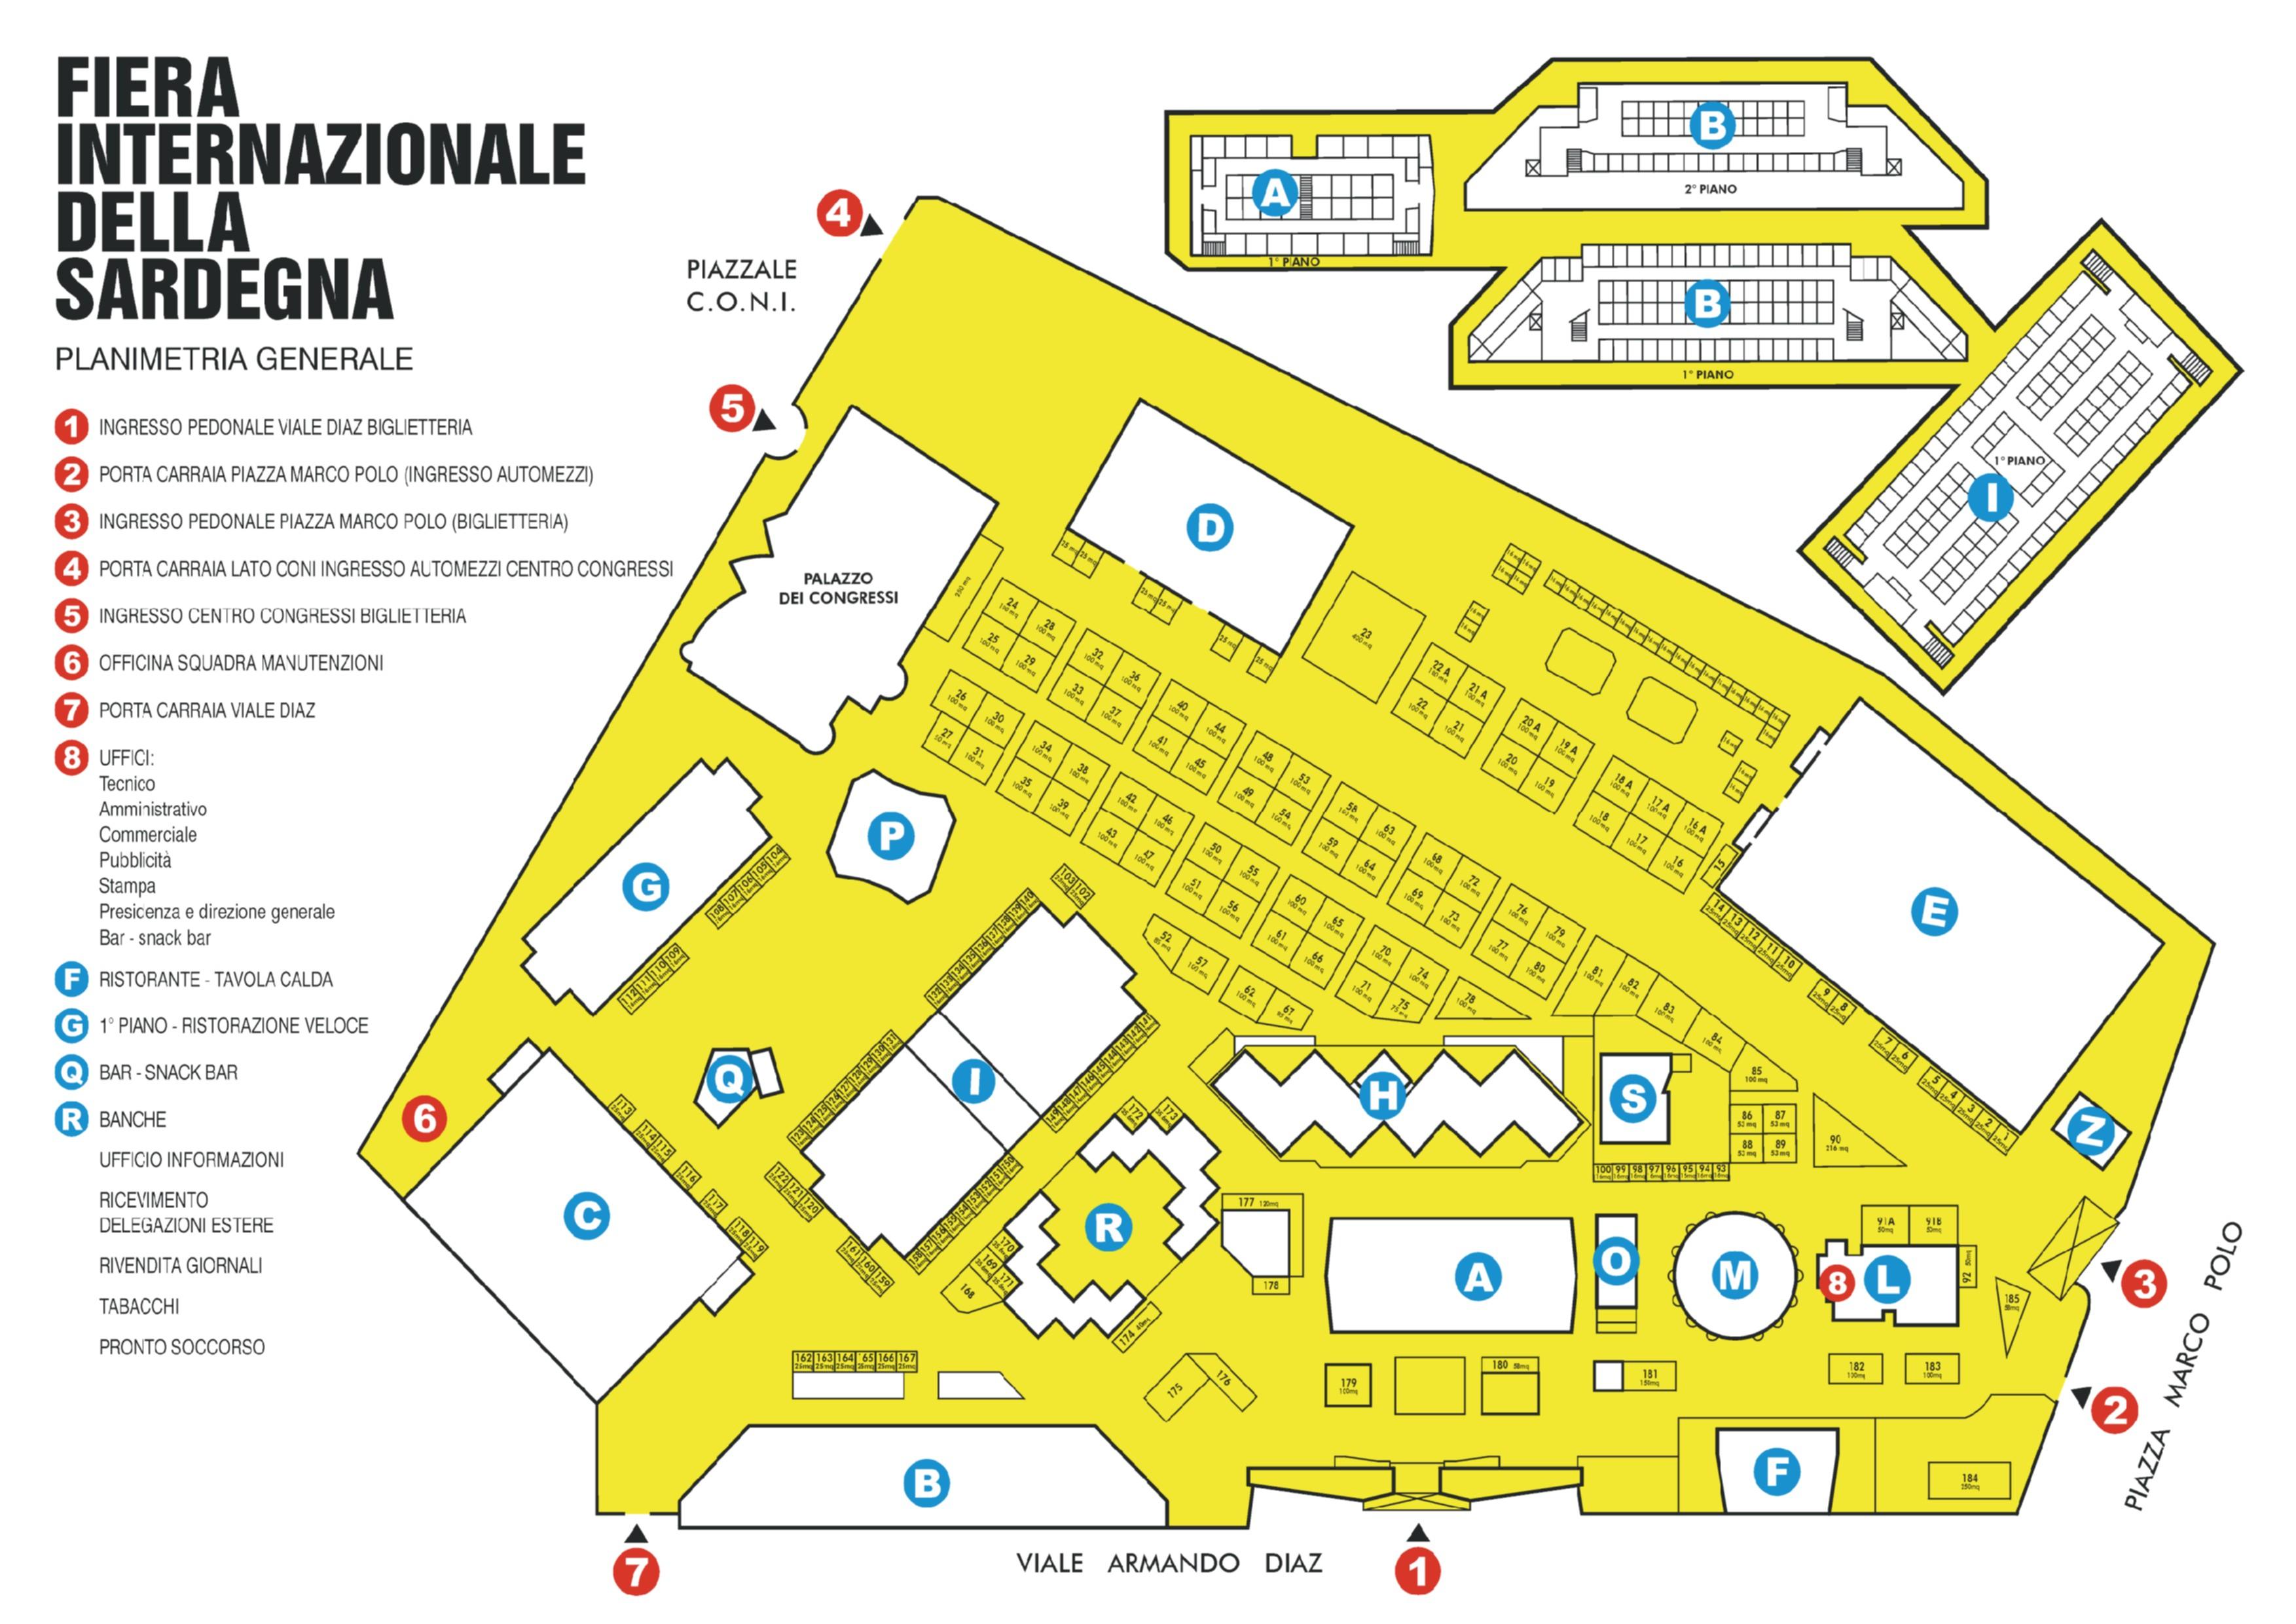 Mappa Sardegna Zona Cagliari.Mappe Fiera Della Sardegna